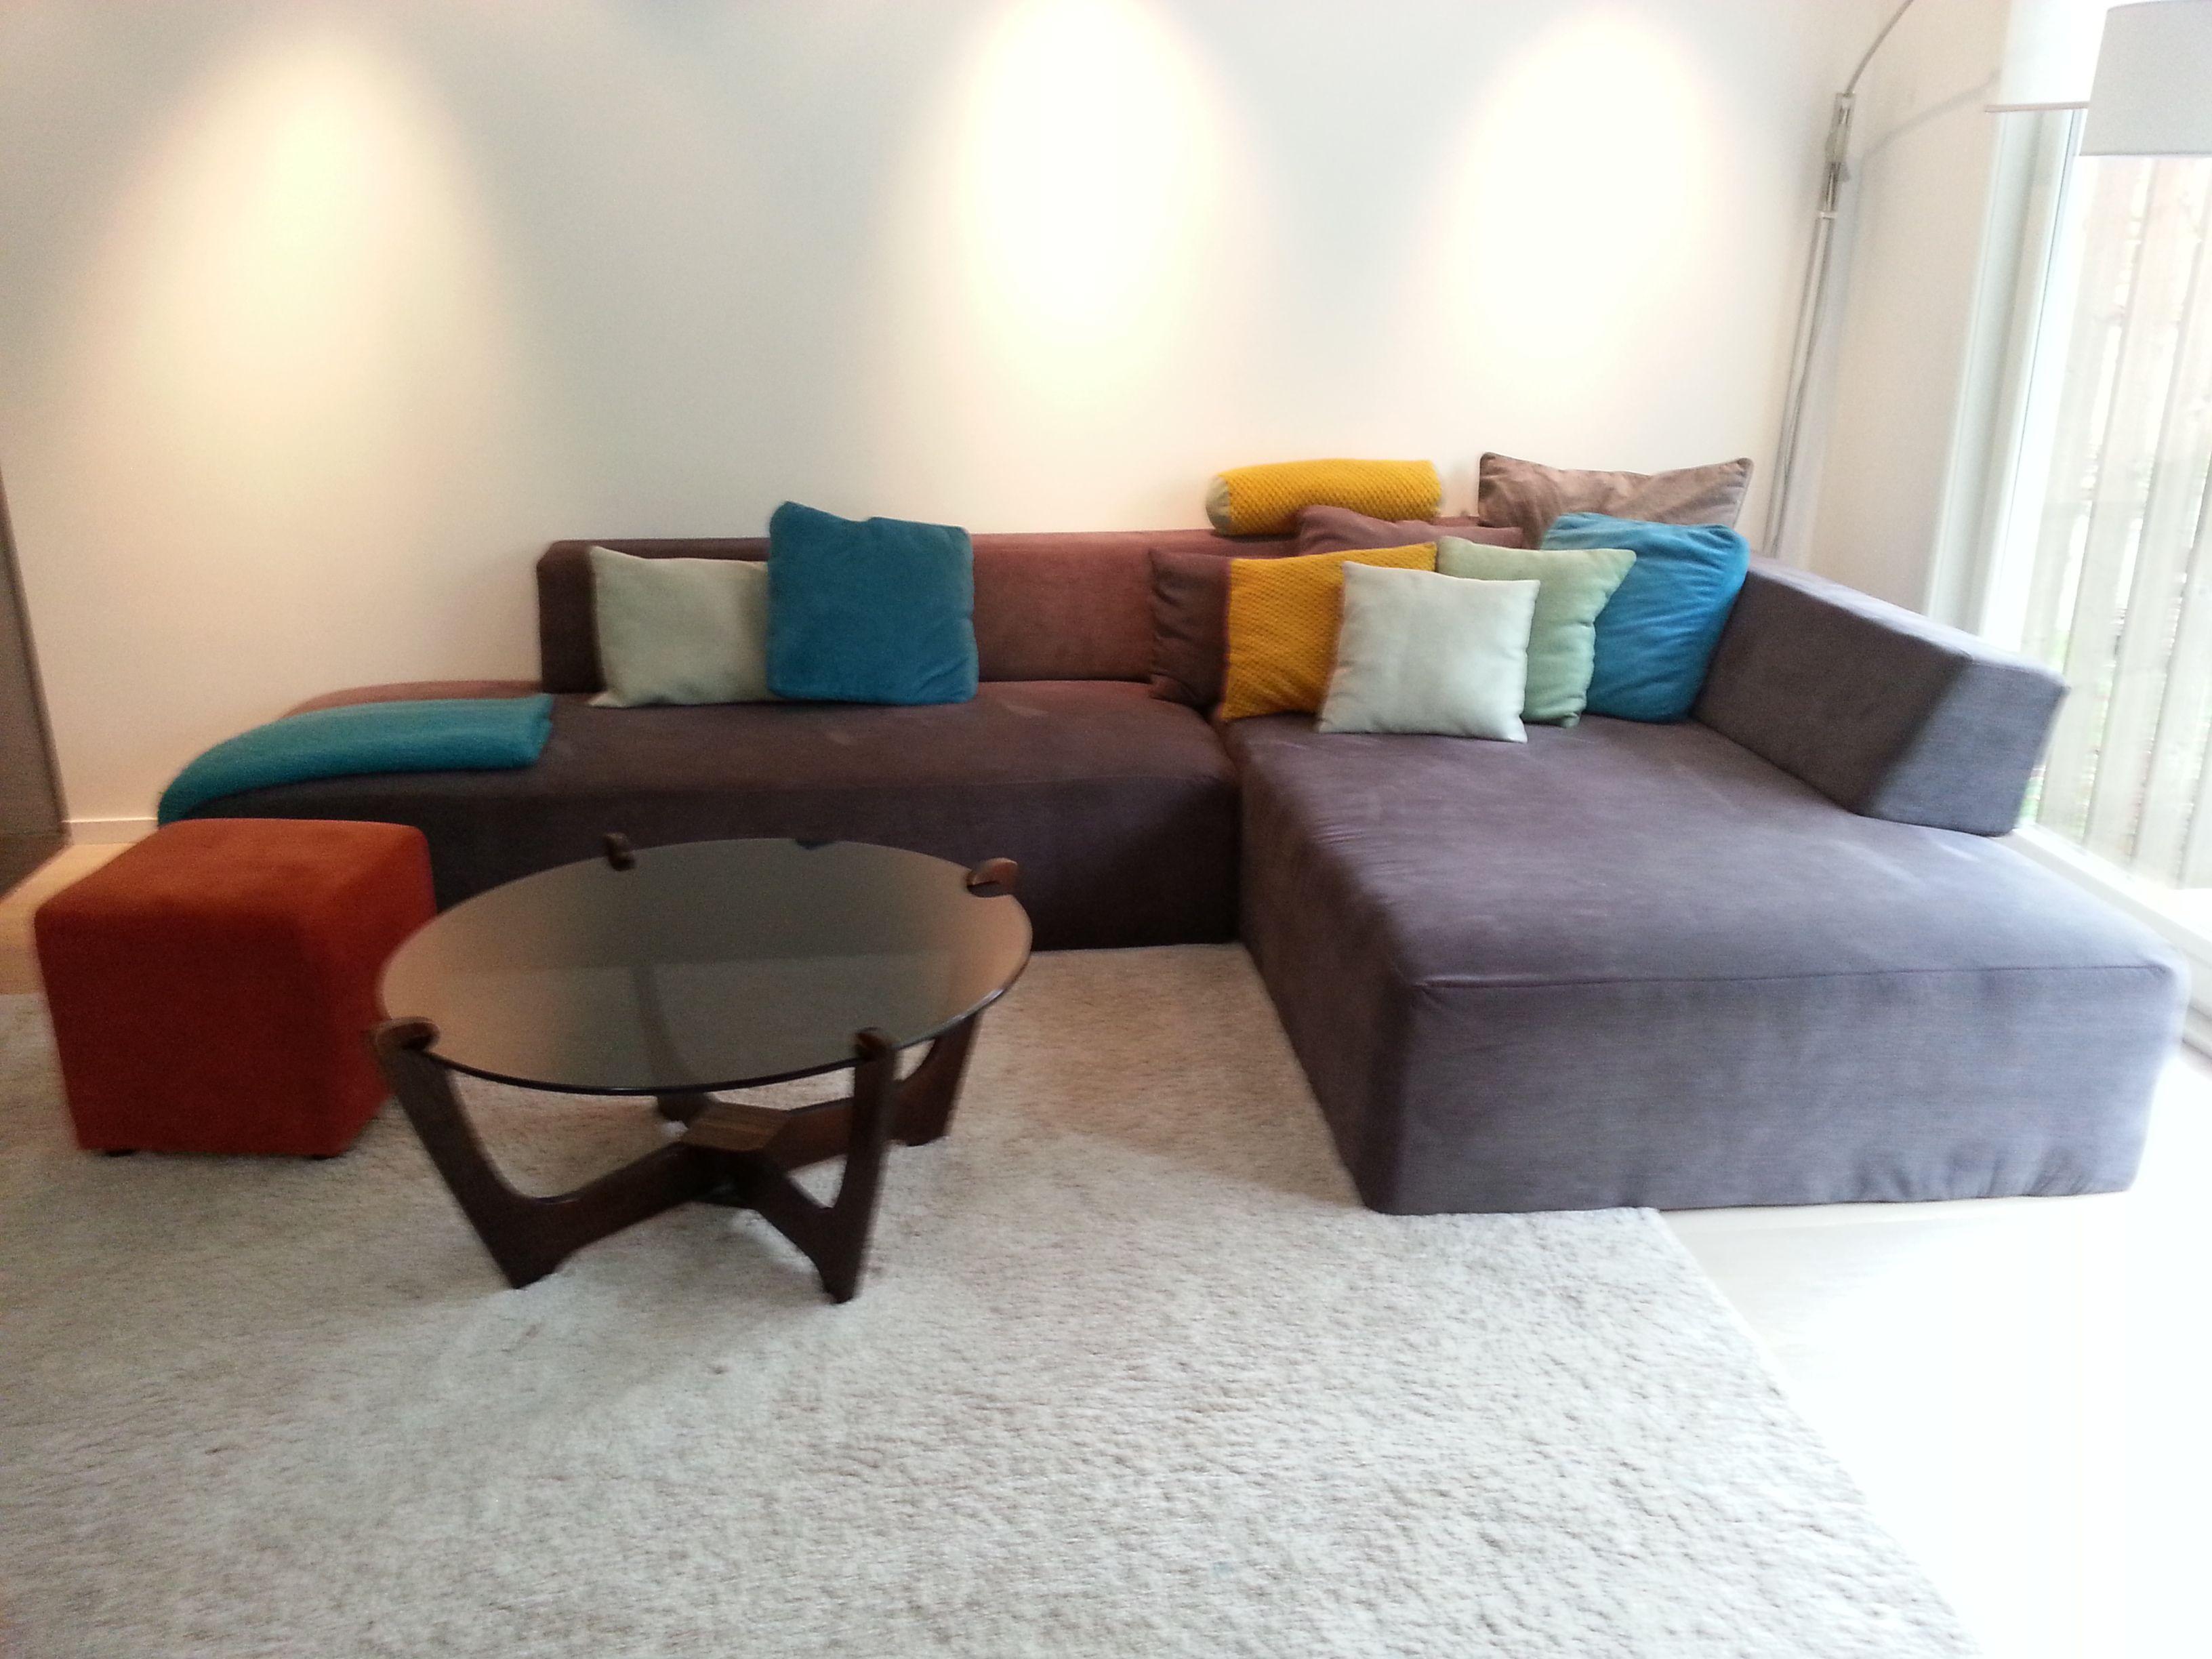 ikea sove sofa